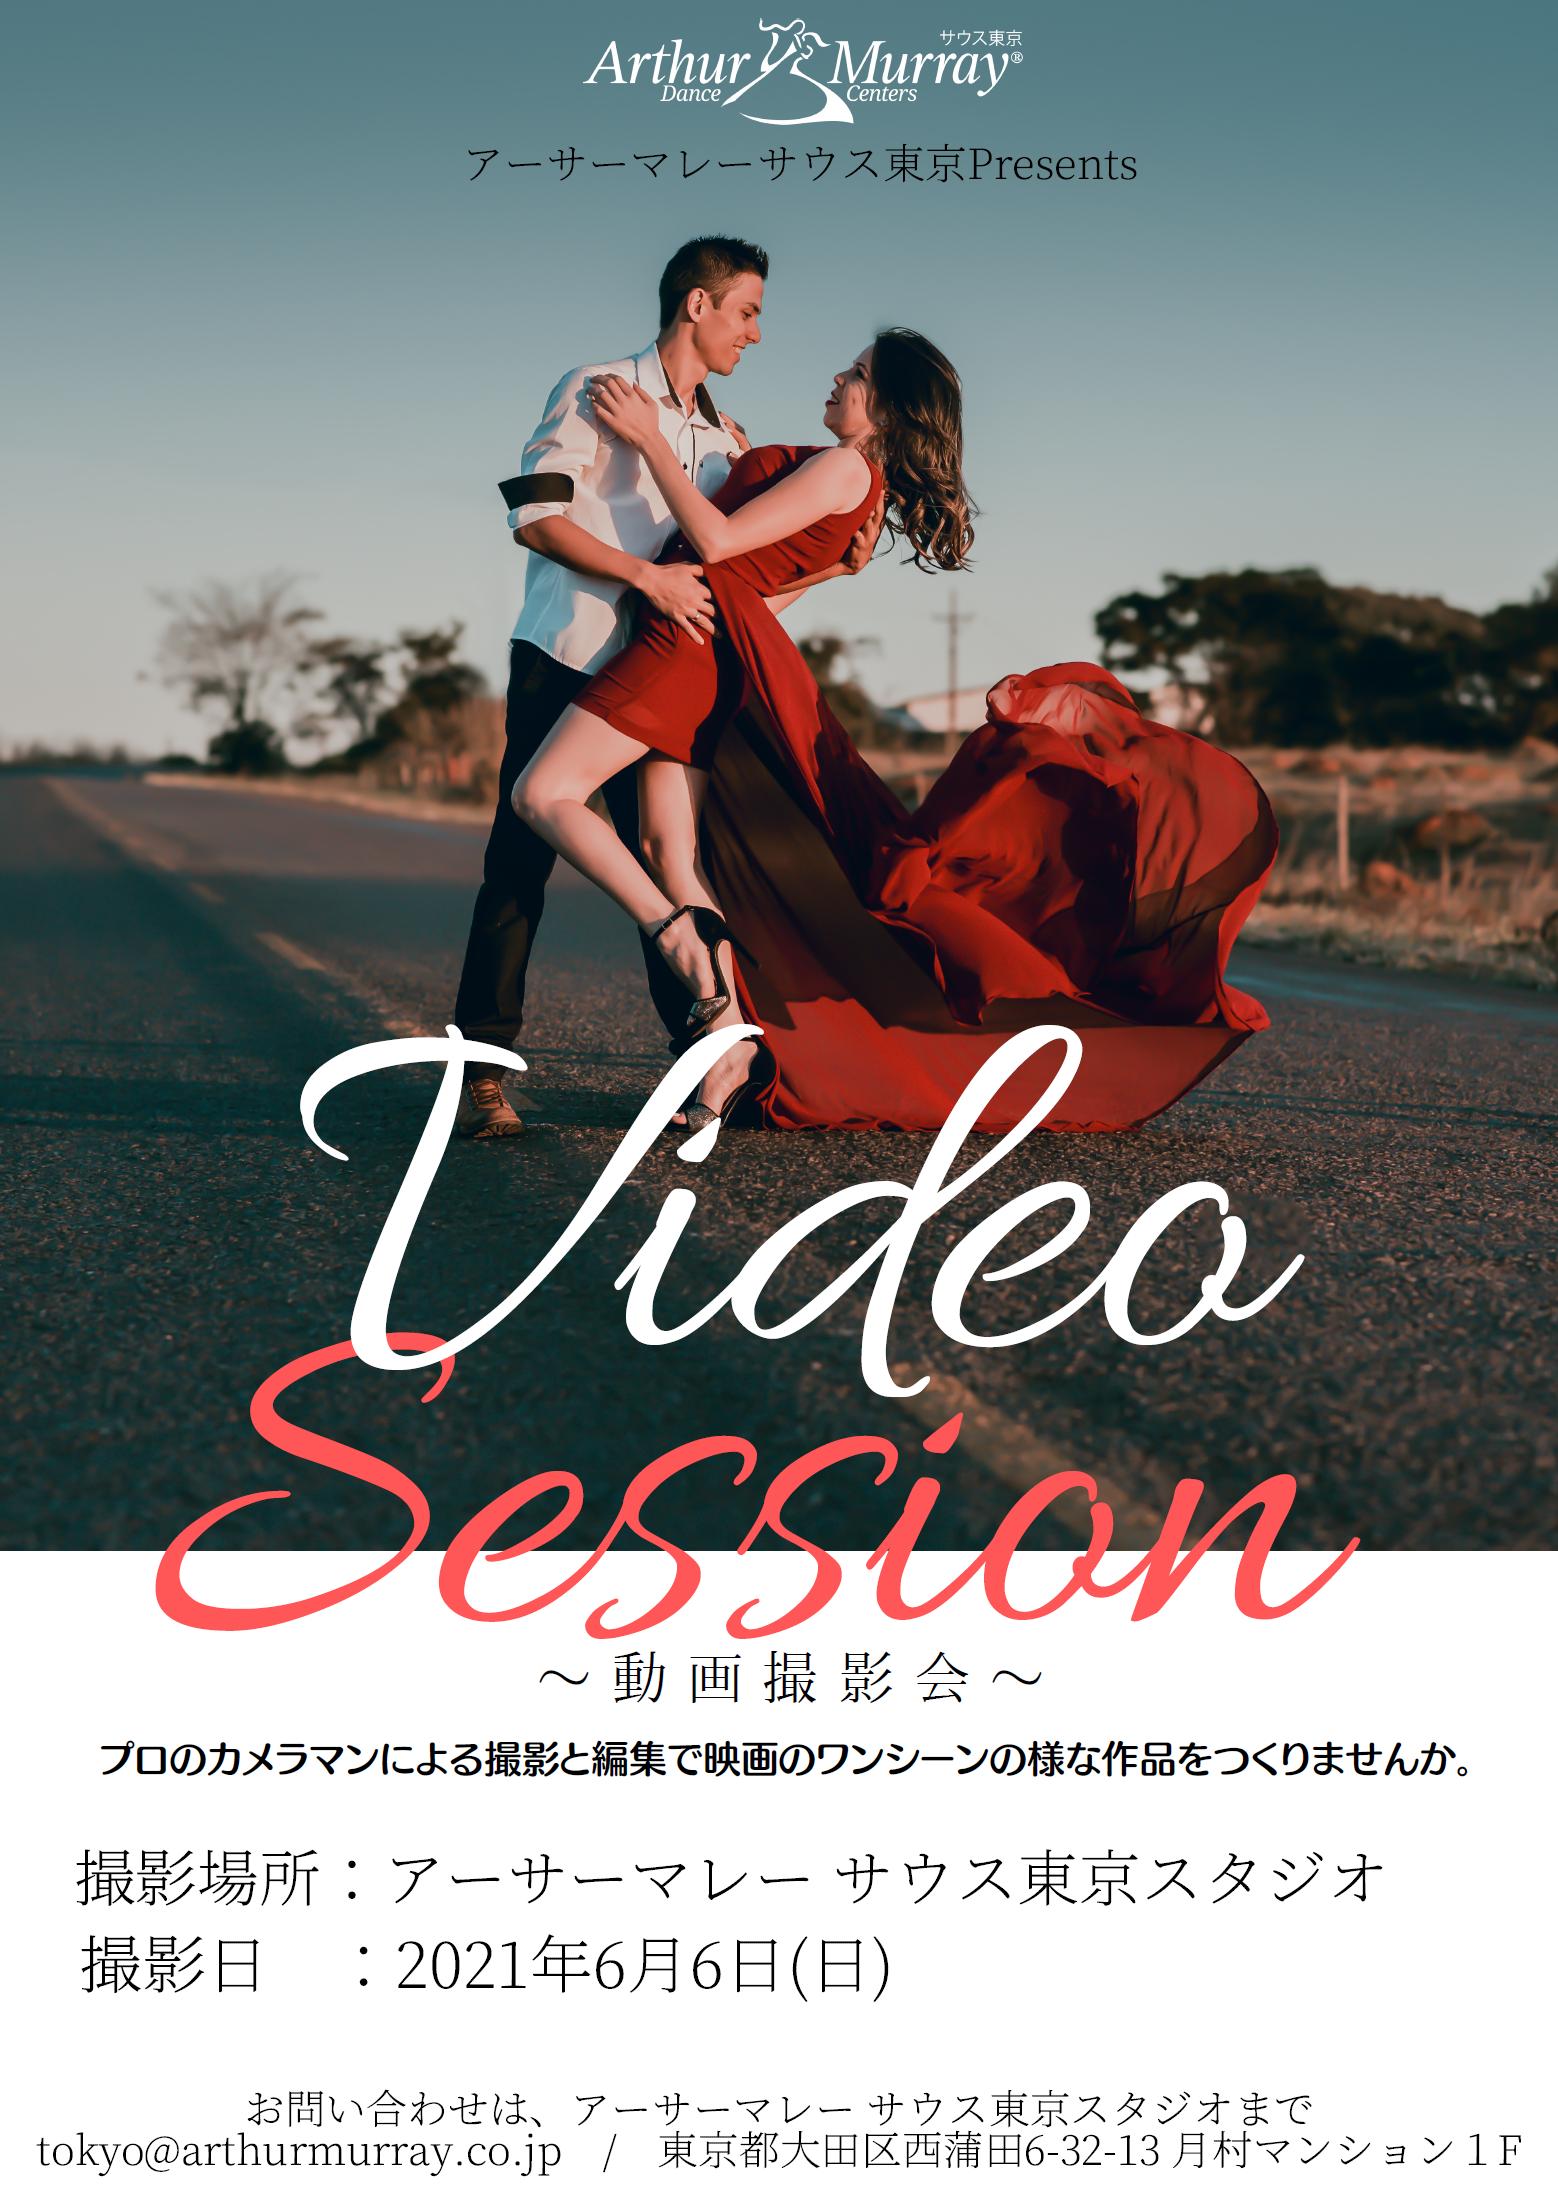 第2弾VideoSession!